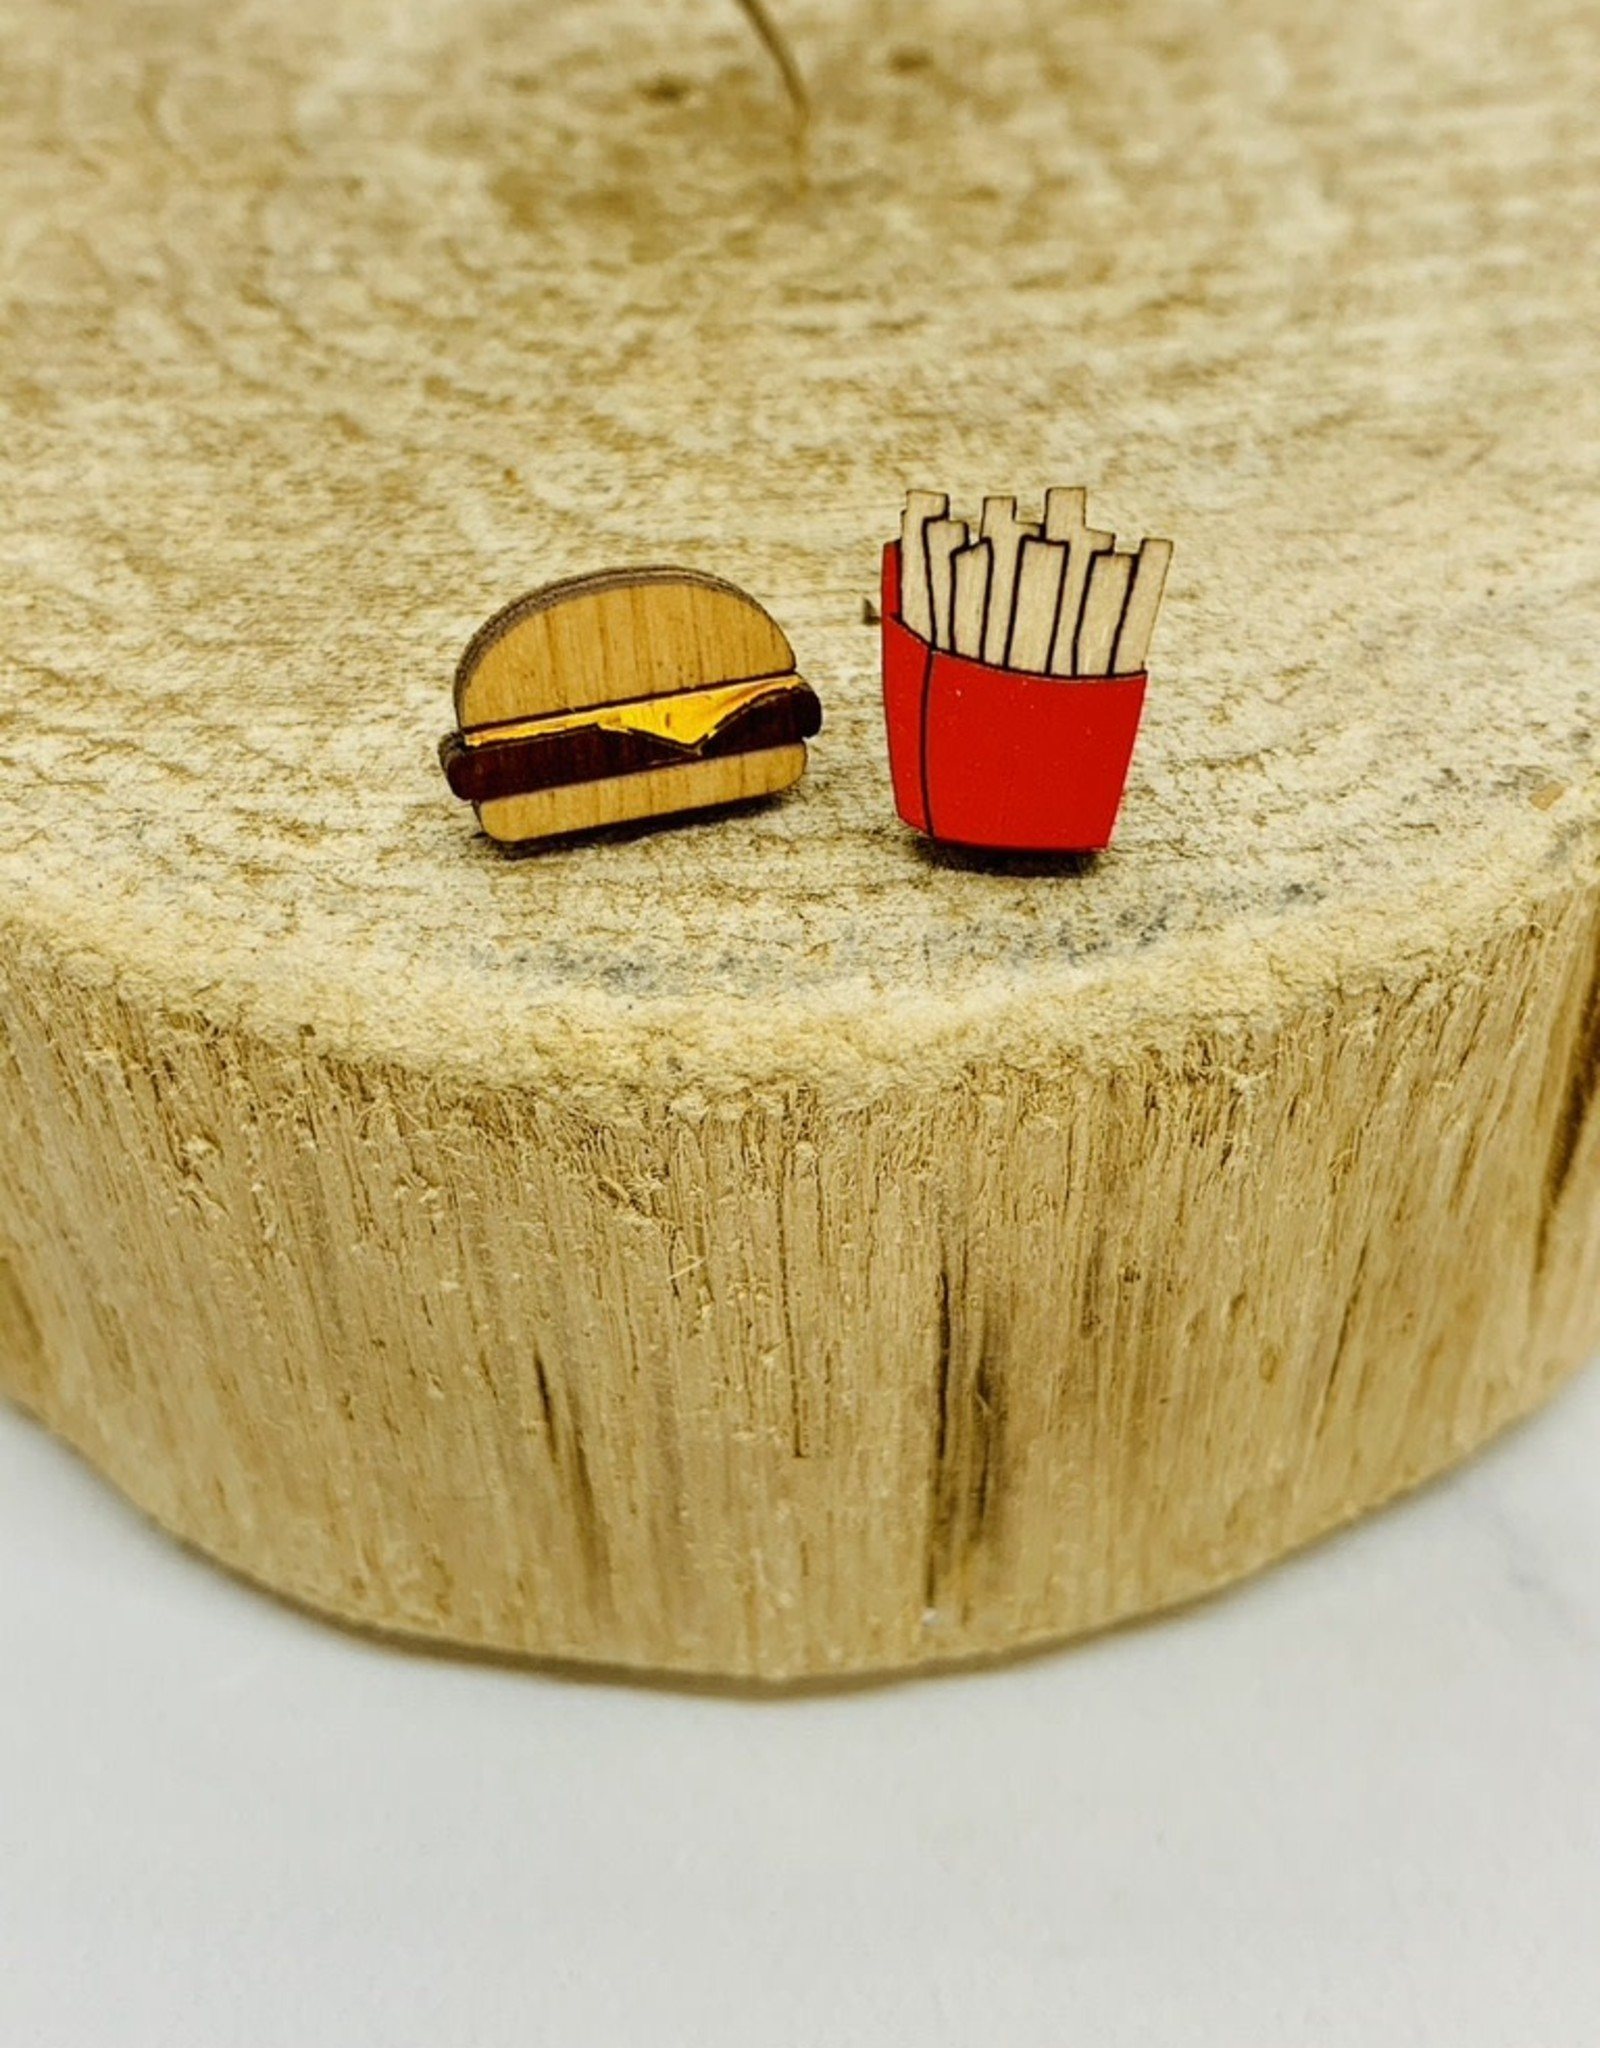 Handmade burger/fries Lasercut Wood Earrings on Sterling Silver Posts